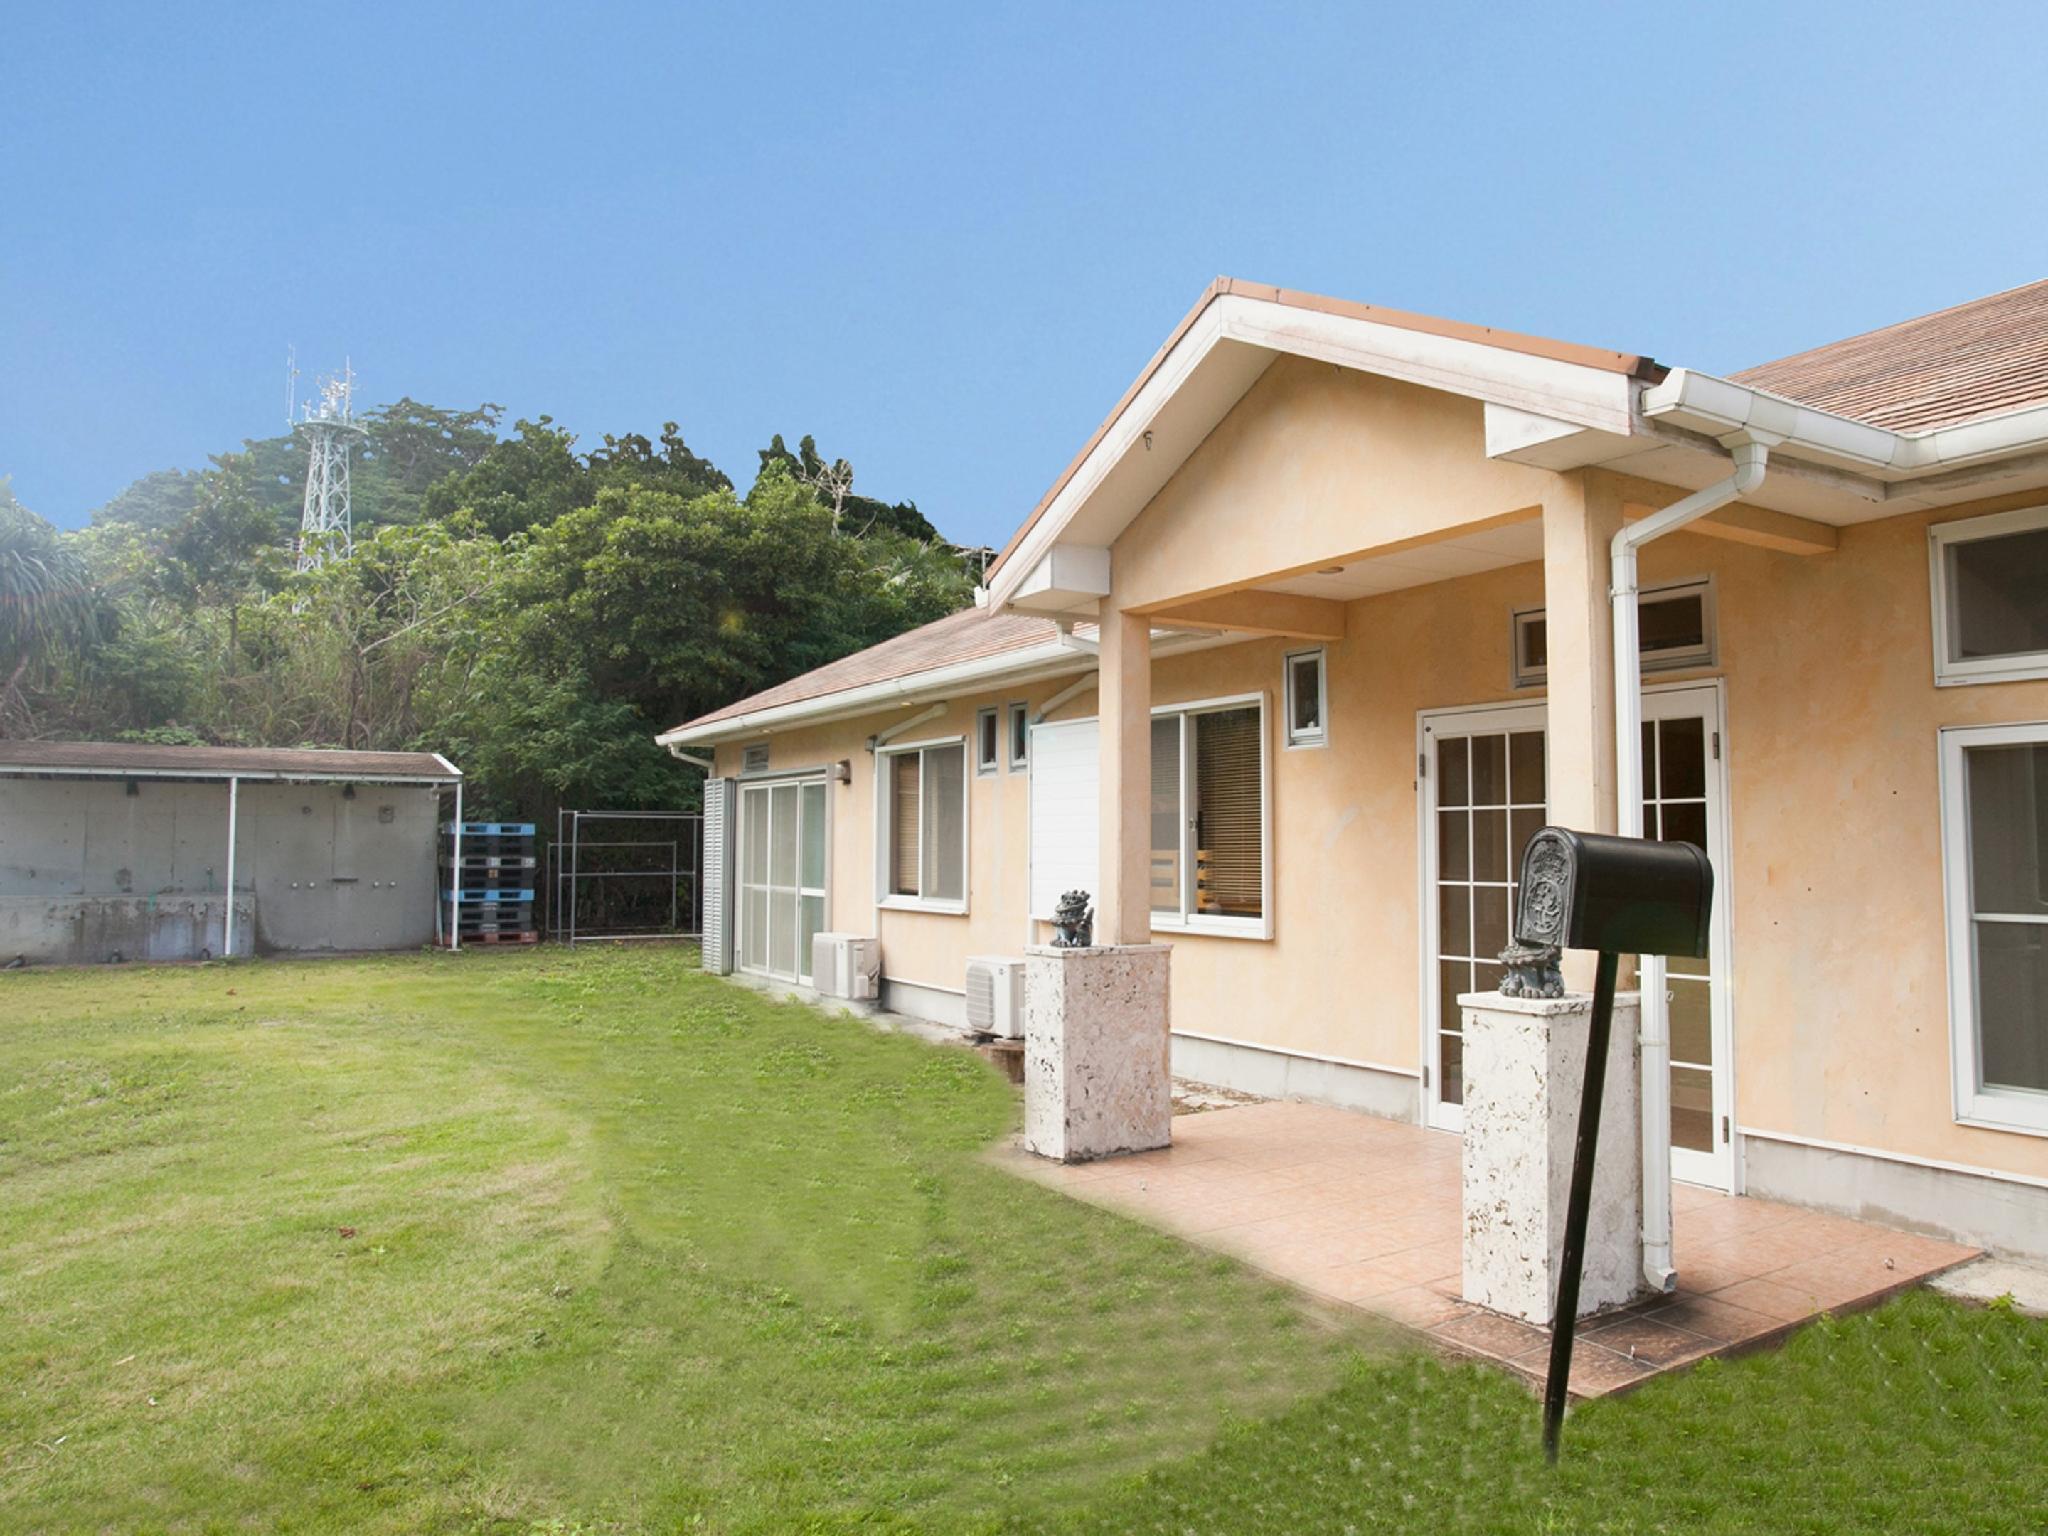 Ishigakijima Sunflower House